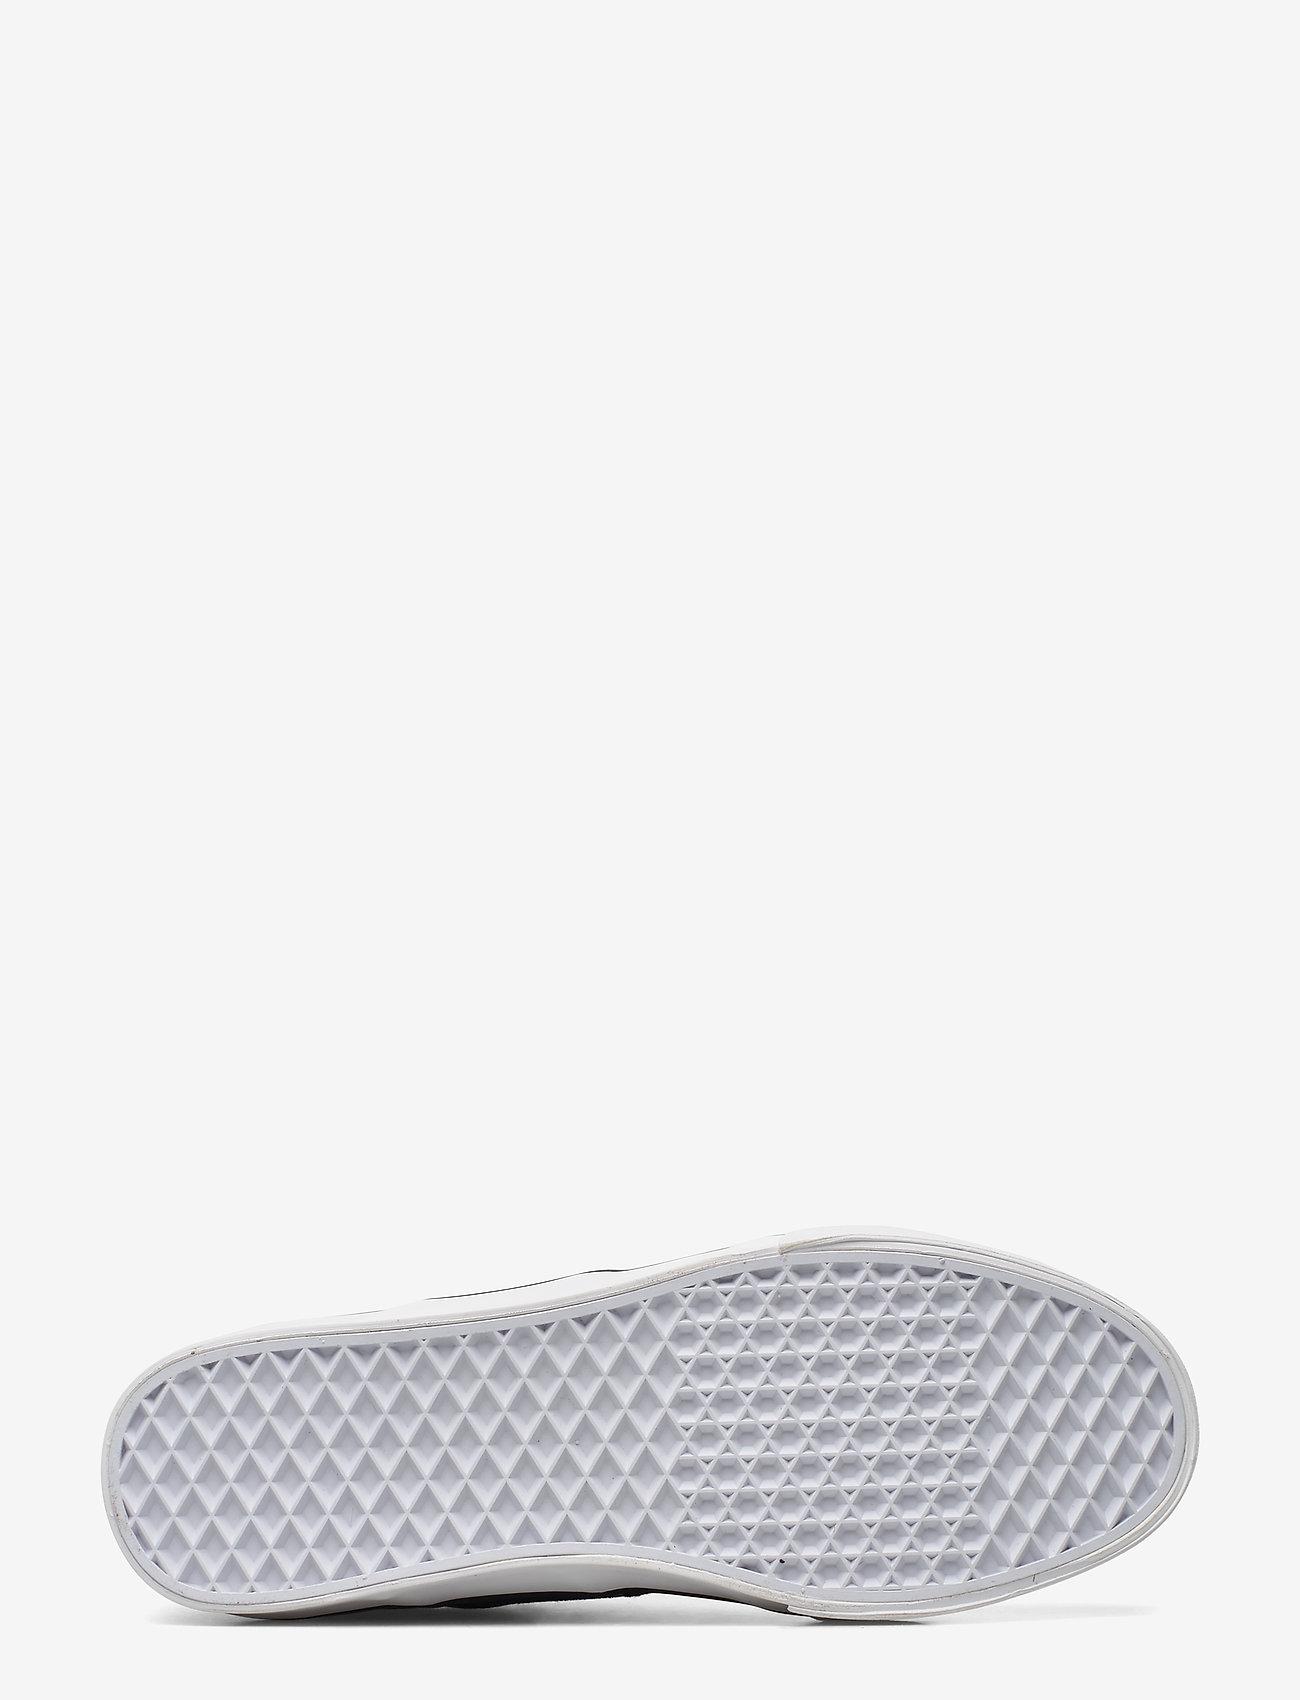 Champion Low Cut Shoe Placard - Sneakers Sky Captain